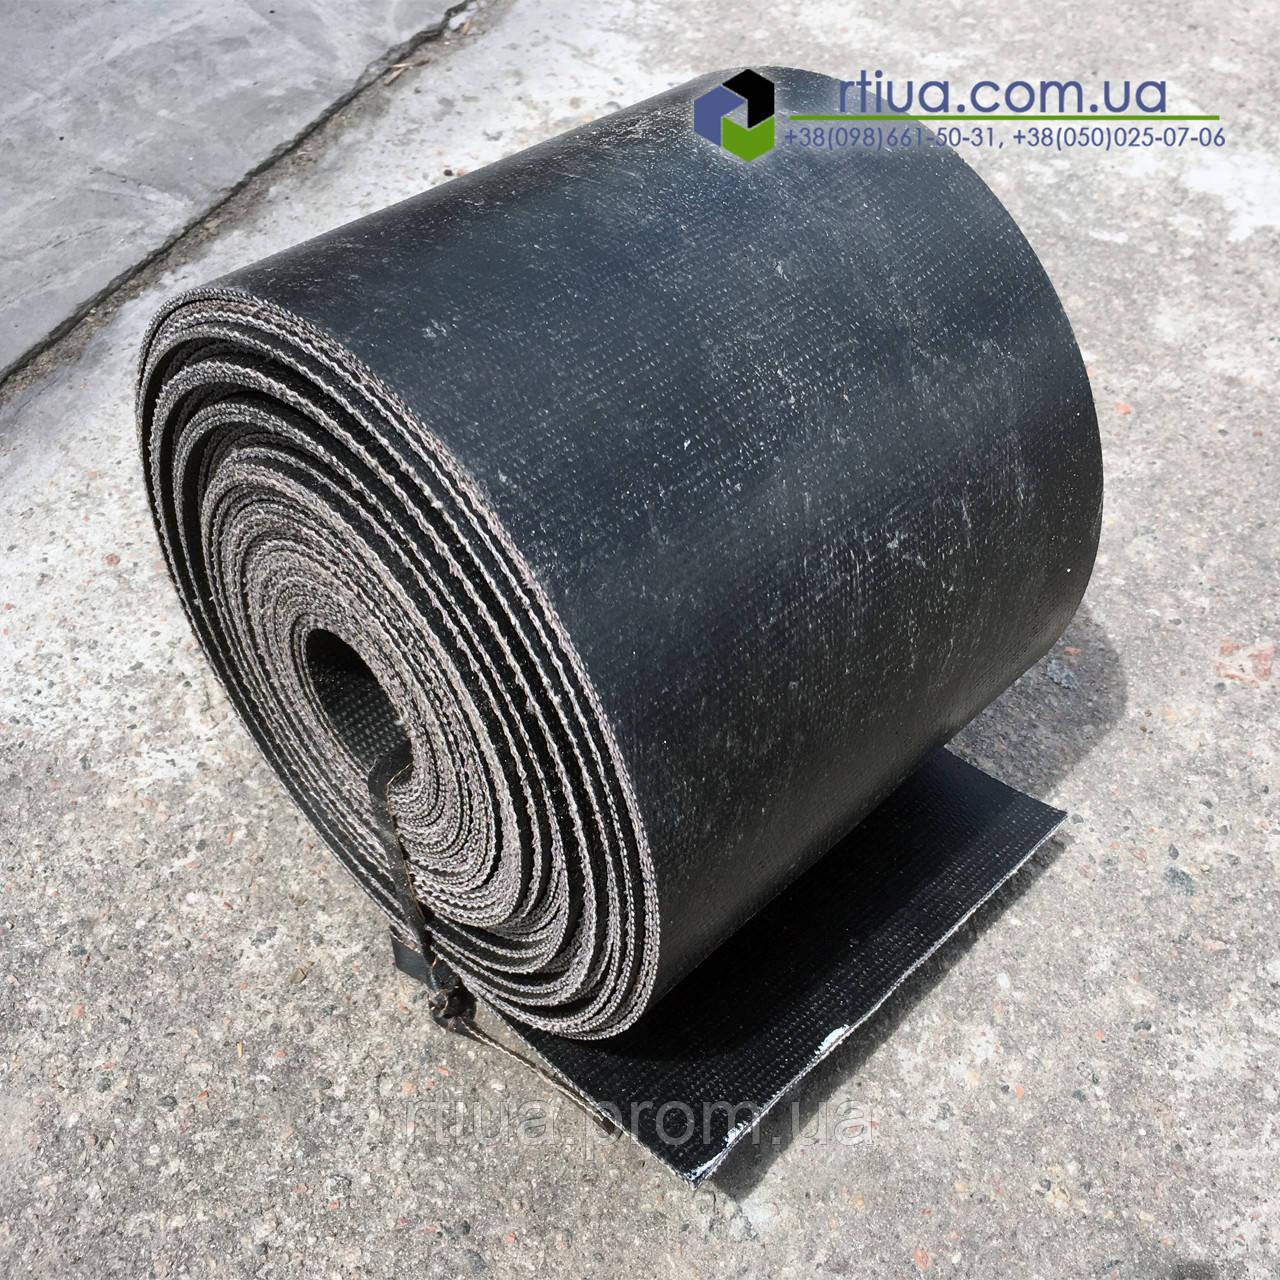 Транспортерная лента БКНЛ, 250х8 мм